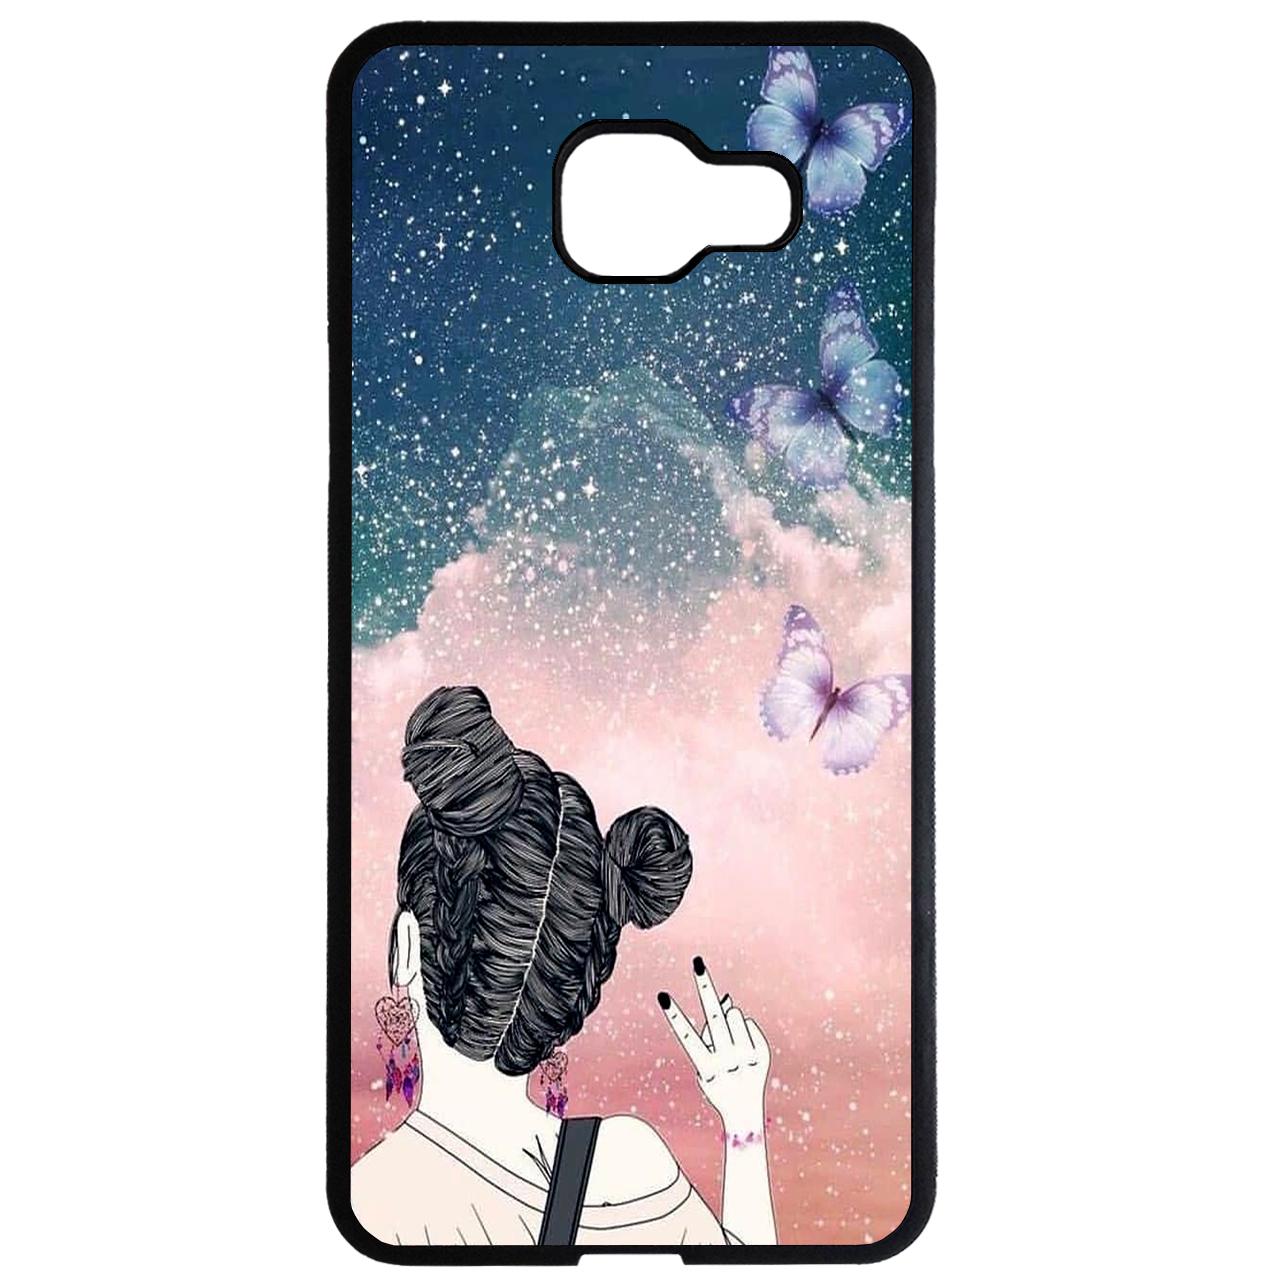 کاور طرح دخترانه کد 1105408922 مناسب برای گوشی موبایل سامسونگ galaxy a5 2016